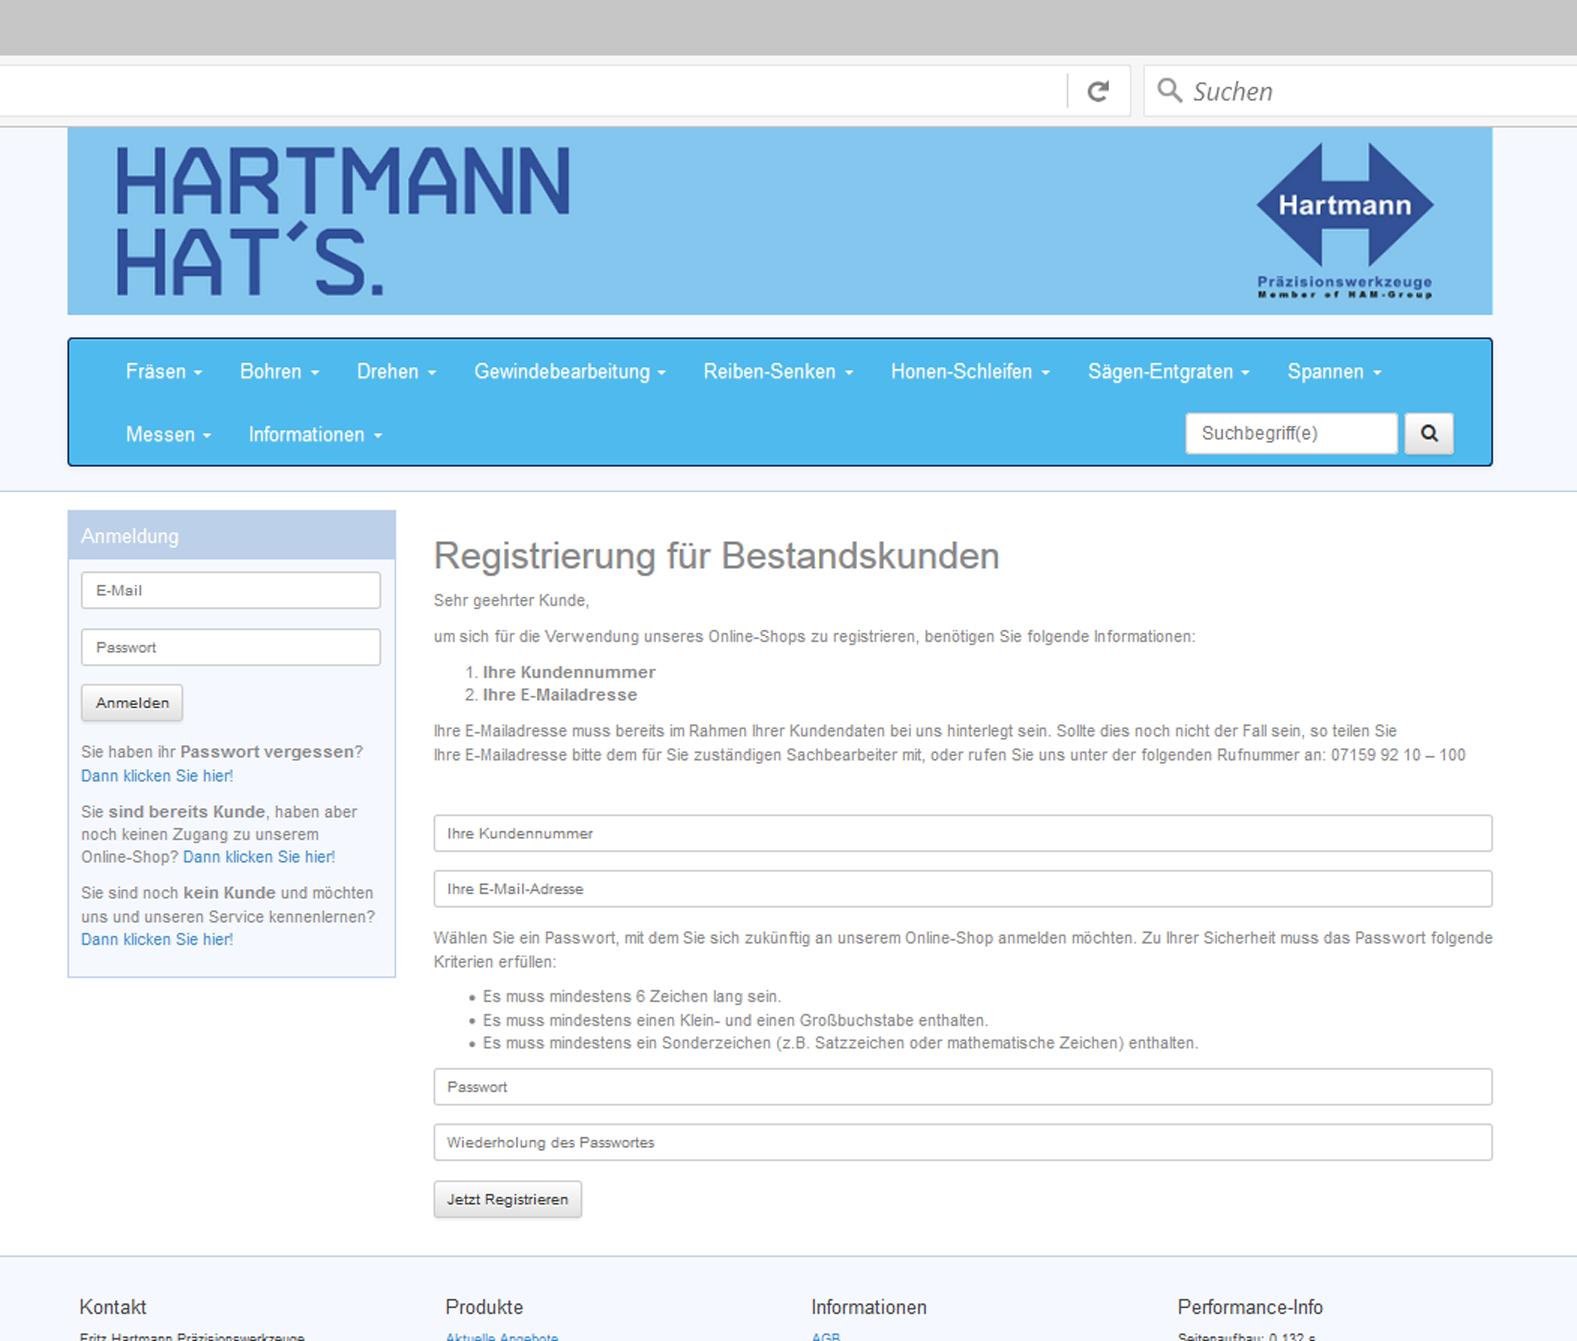 Registrierung-Bestandskunde_a